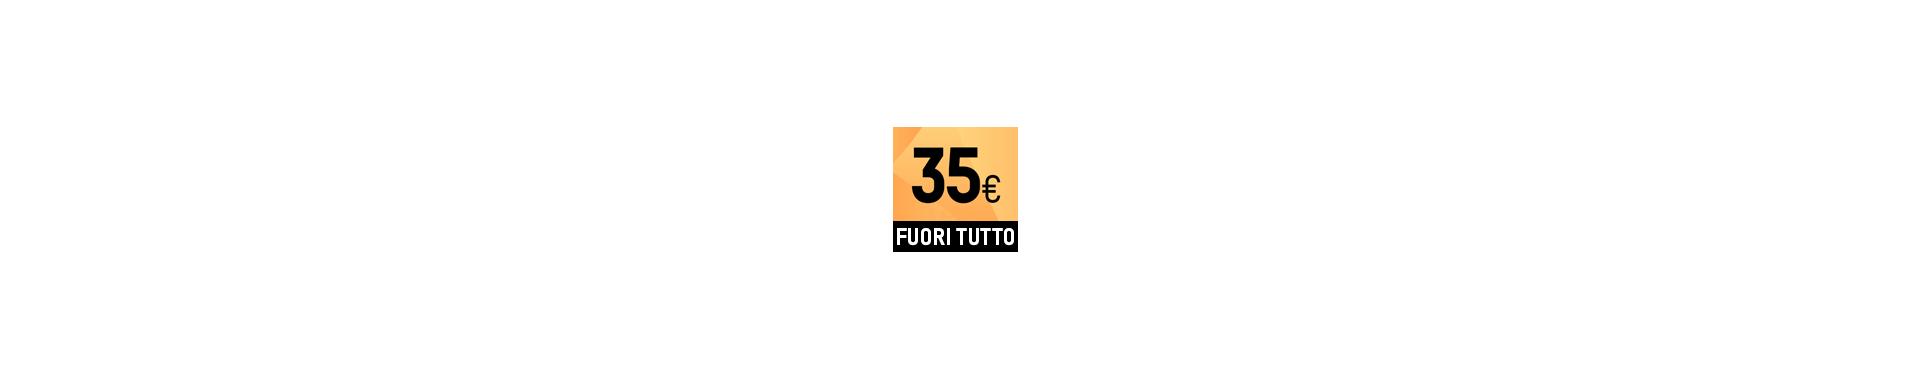 Fuori tutto Guanti da moto a 35 euro